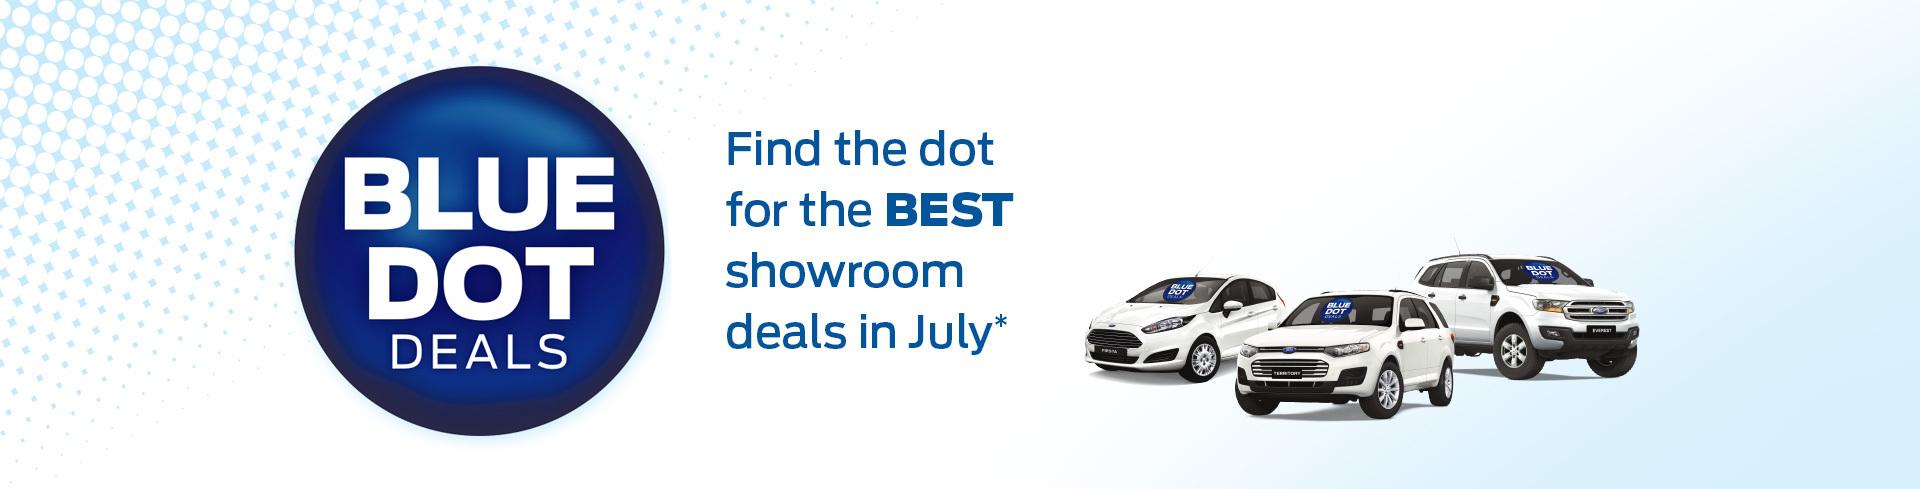 Ford - National Offer 1 - Blue Dot Sale; Get Great Showroom Deals